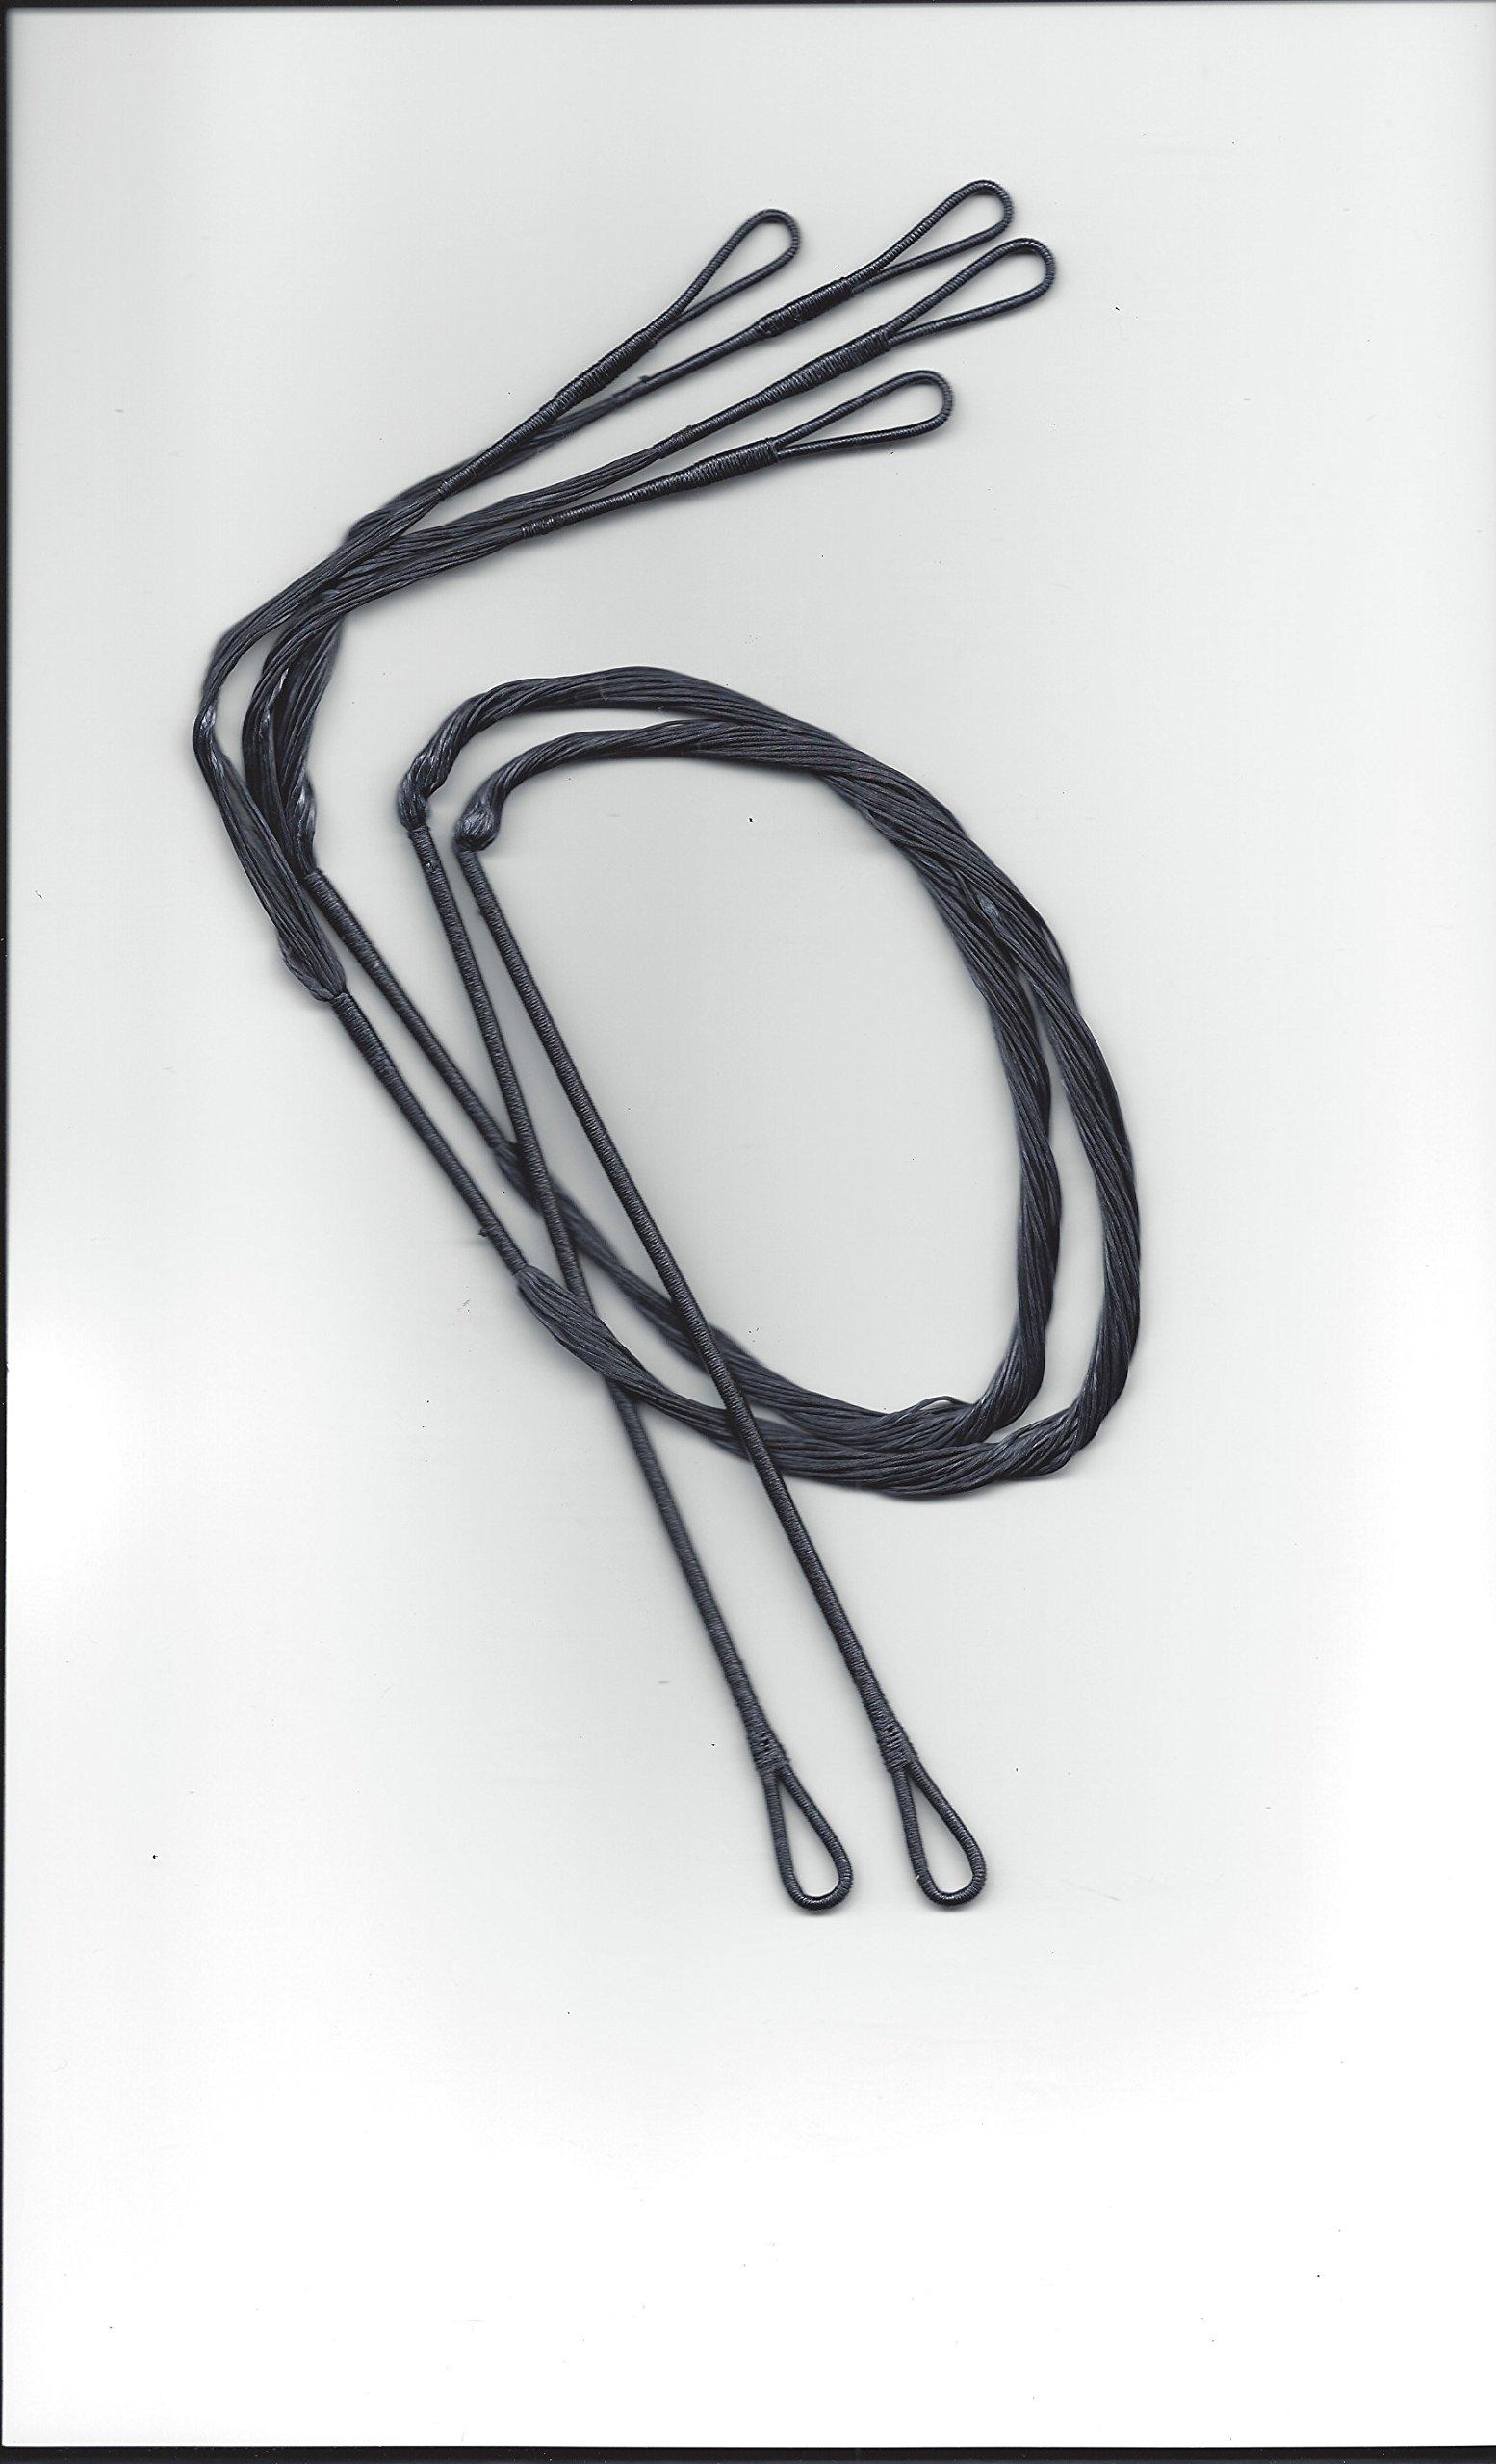 J and D Custom Strings 27.875'' Barnett Crossbow Cables for Jackel